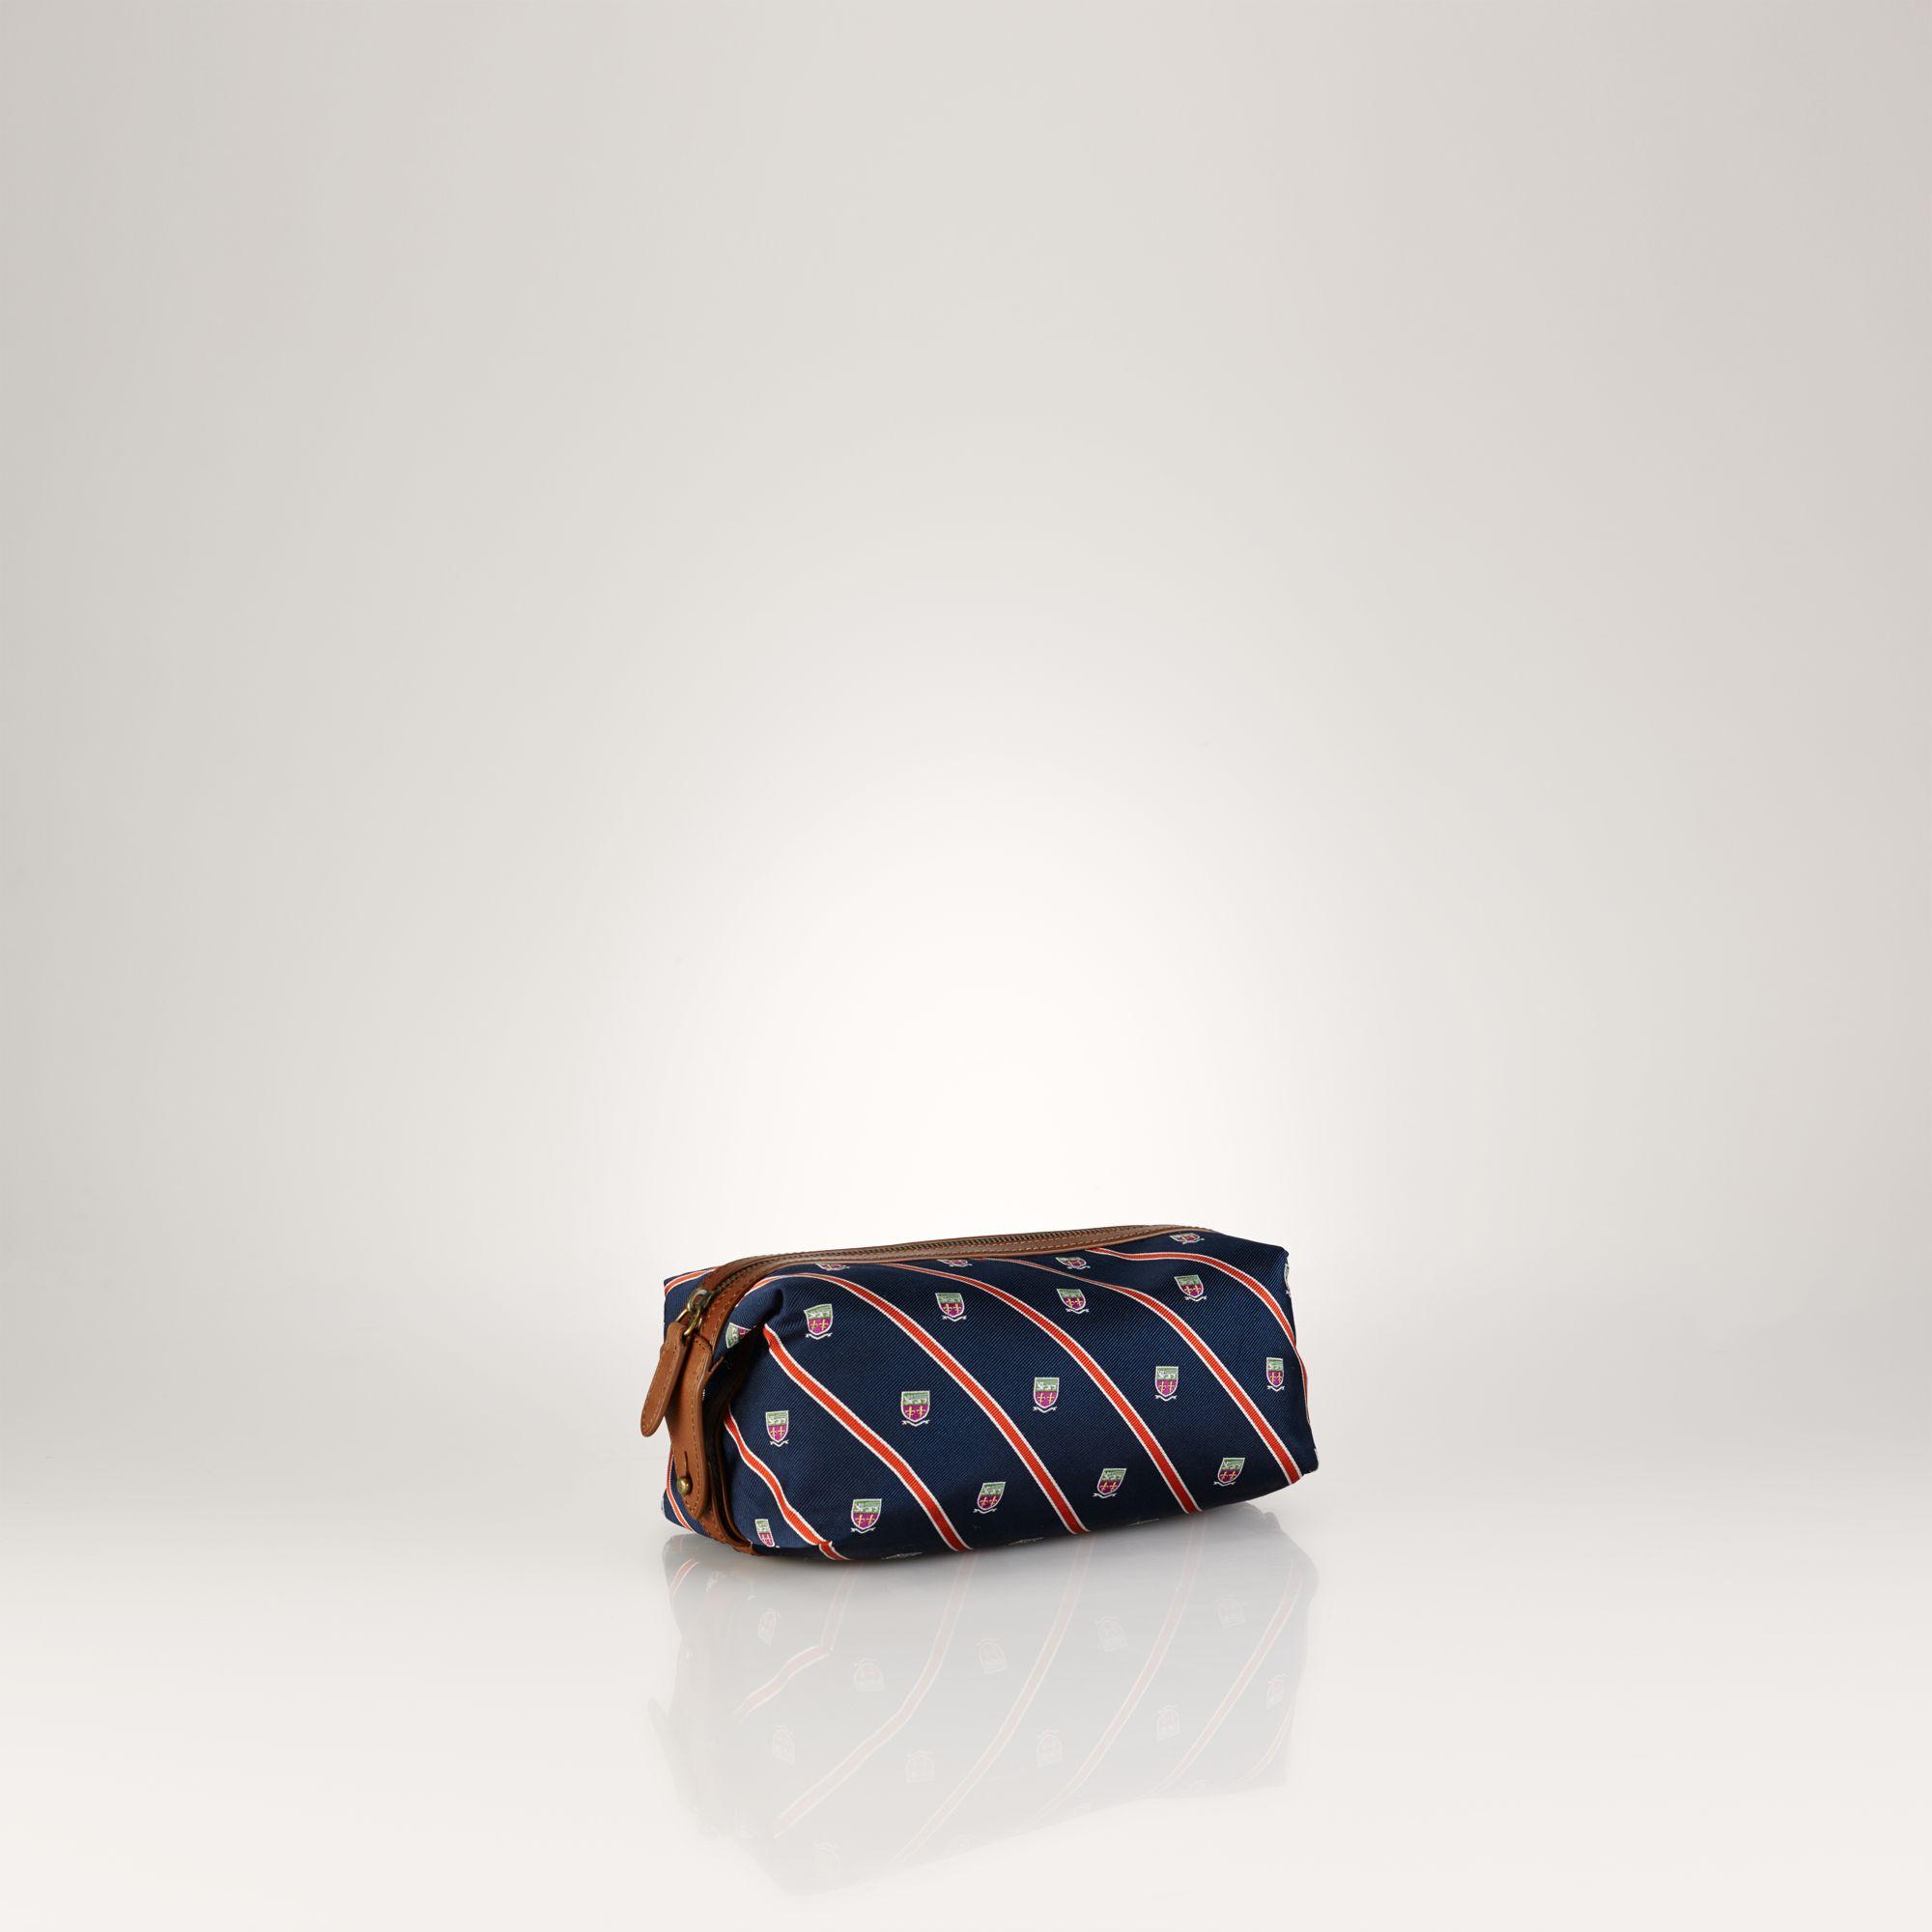 953105f6e188 Polo Ralph Lauren Tie Silk Shaving Kit in Blue for Men - Lyst